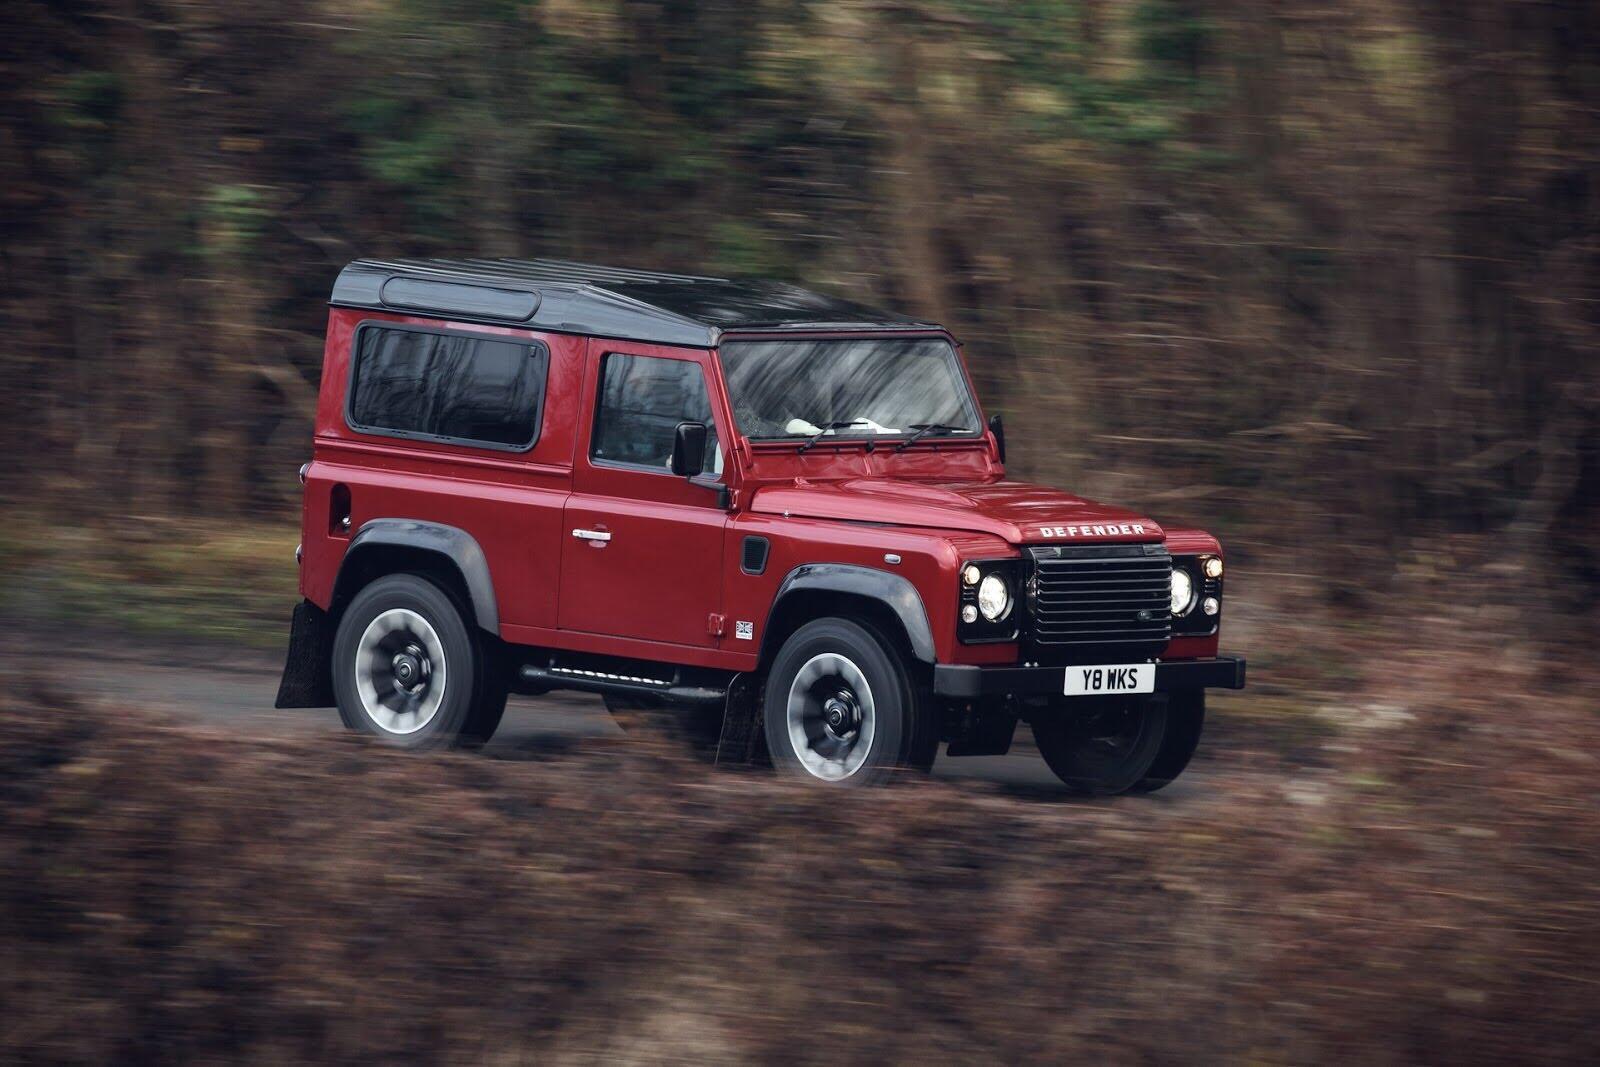 Land Rover Defender phiên bản kỷ niệm 70 năm ra mắt; chỉ 150 chiếc được sản xuất - Hình 4